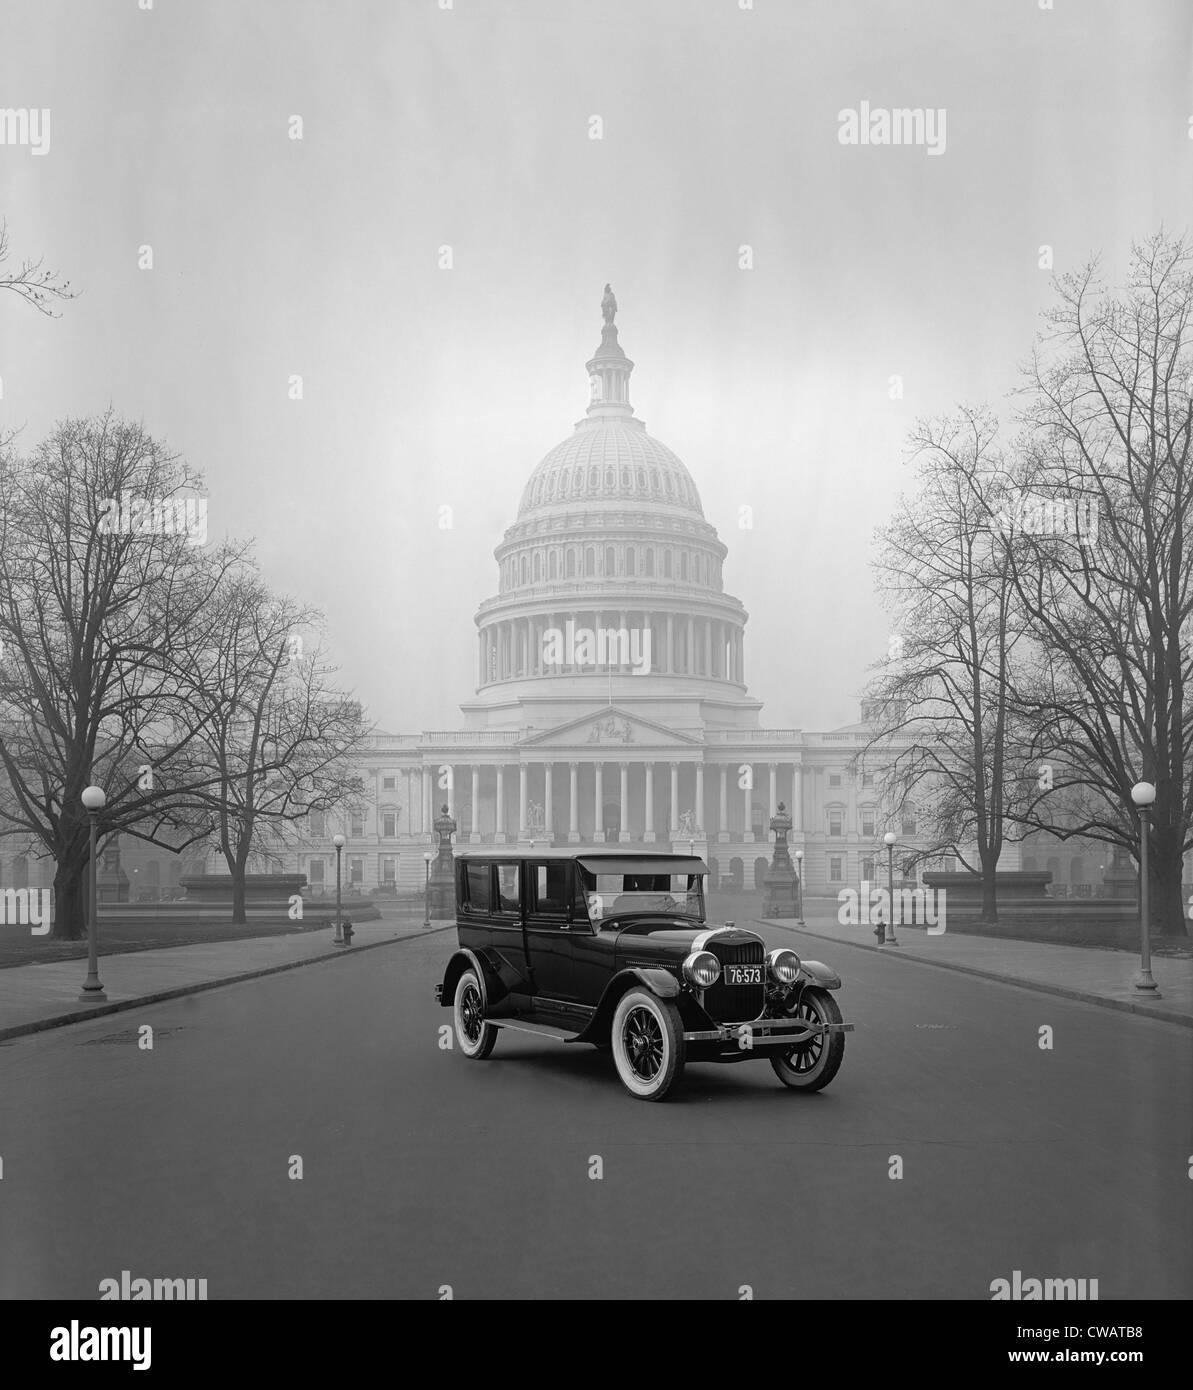 Ford Motor Company's Voiture de luxe, la Lincoln, au Capitole à Washington, D.C. Ce hard top coupé Photo Stock